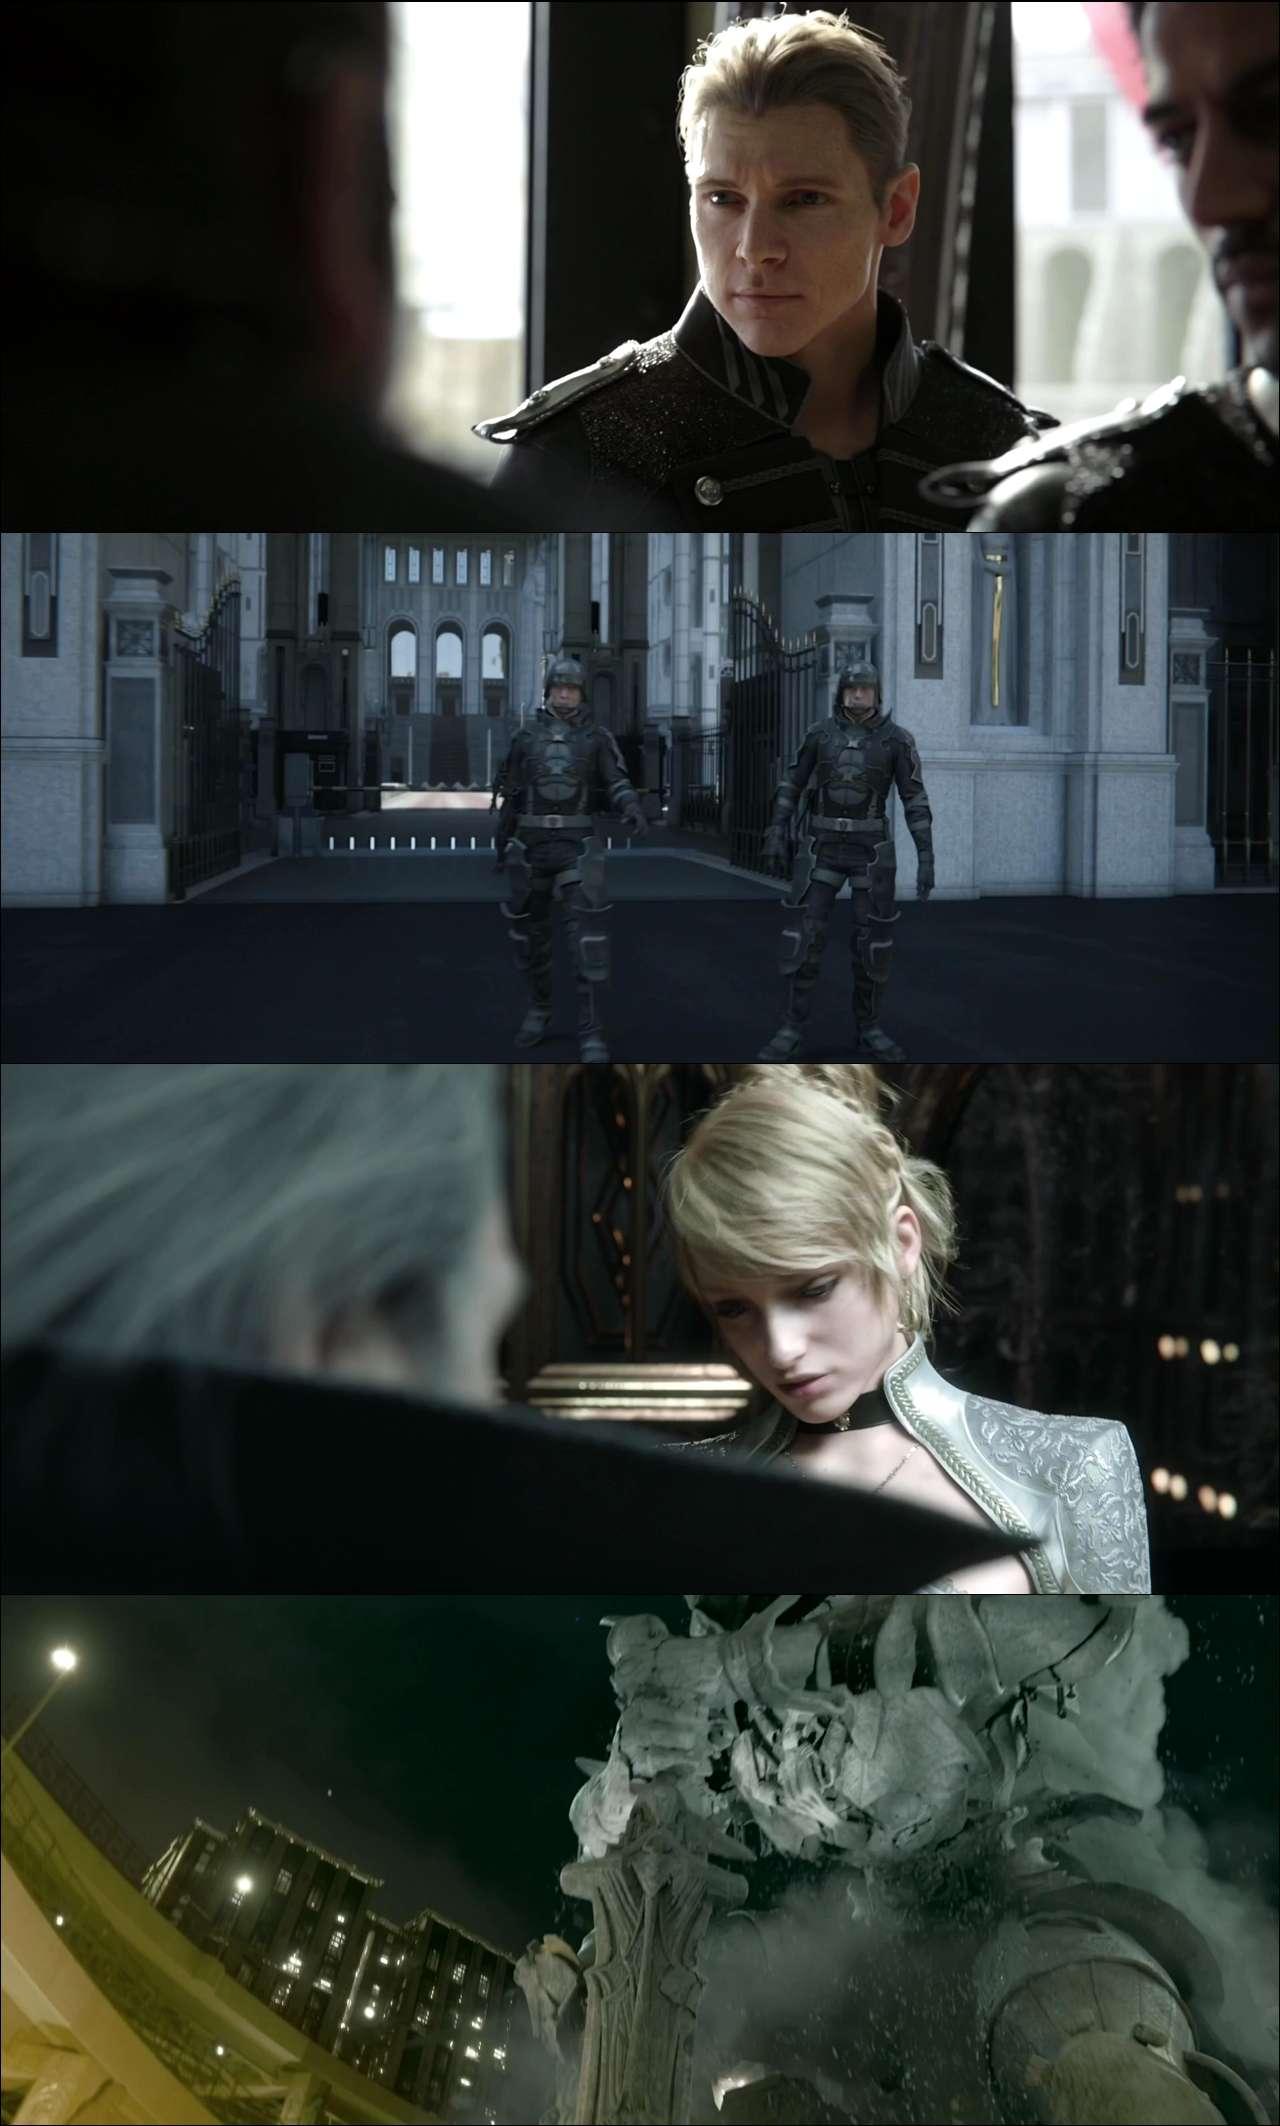 Kralın Kılıcı: Final Fantasy XV (2016) türkçe dublaj film indir